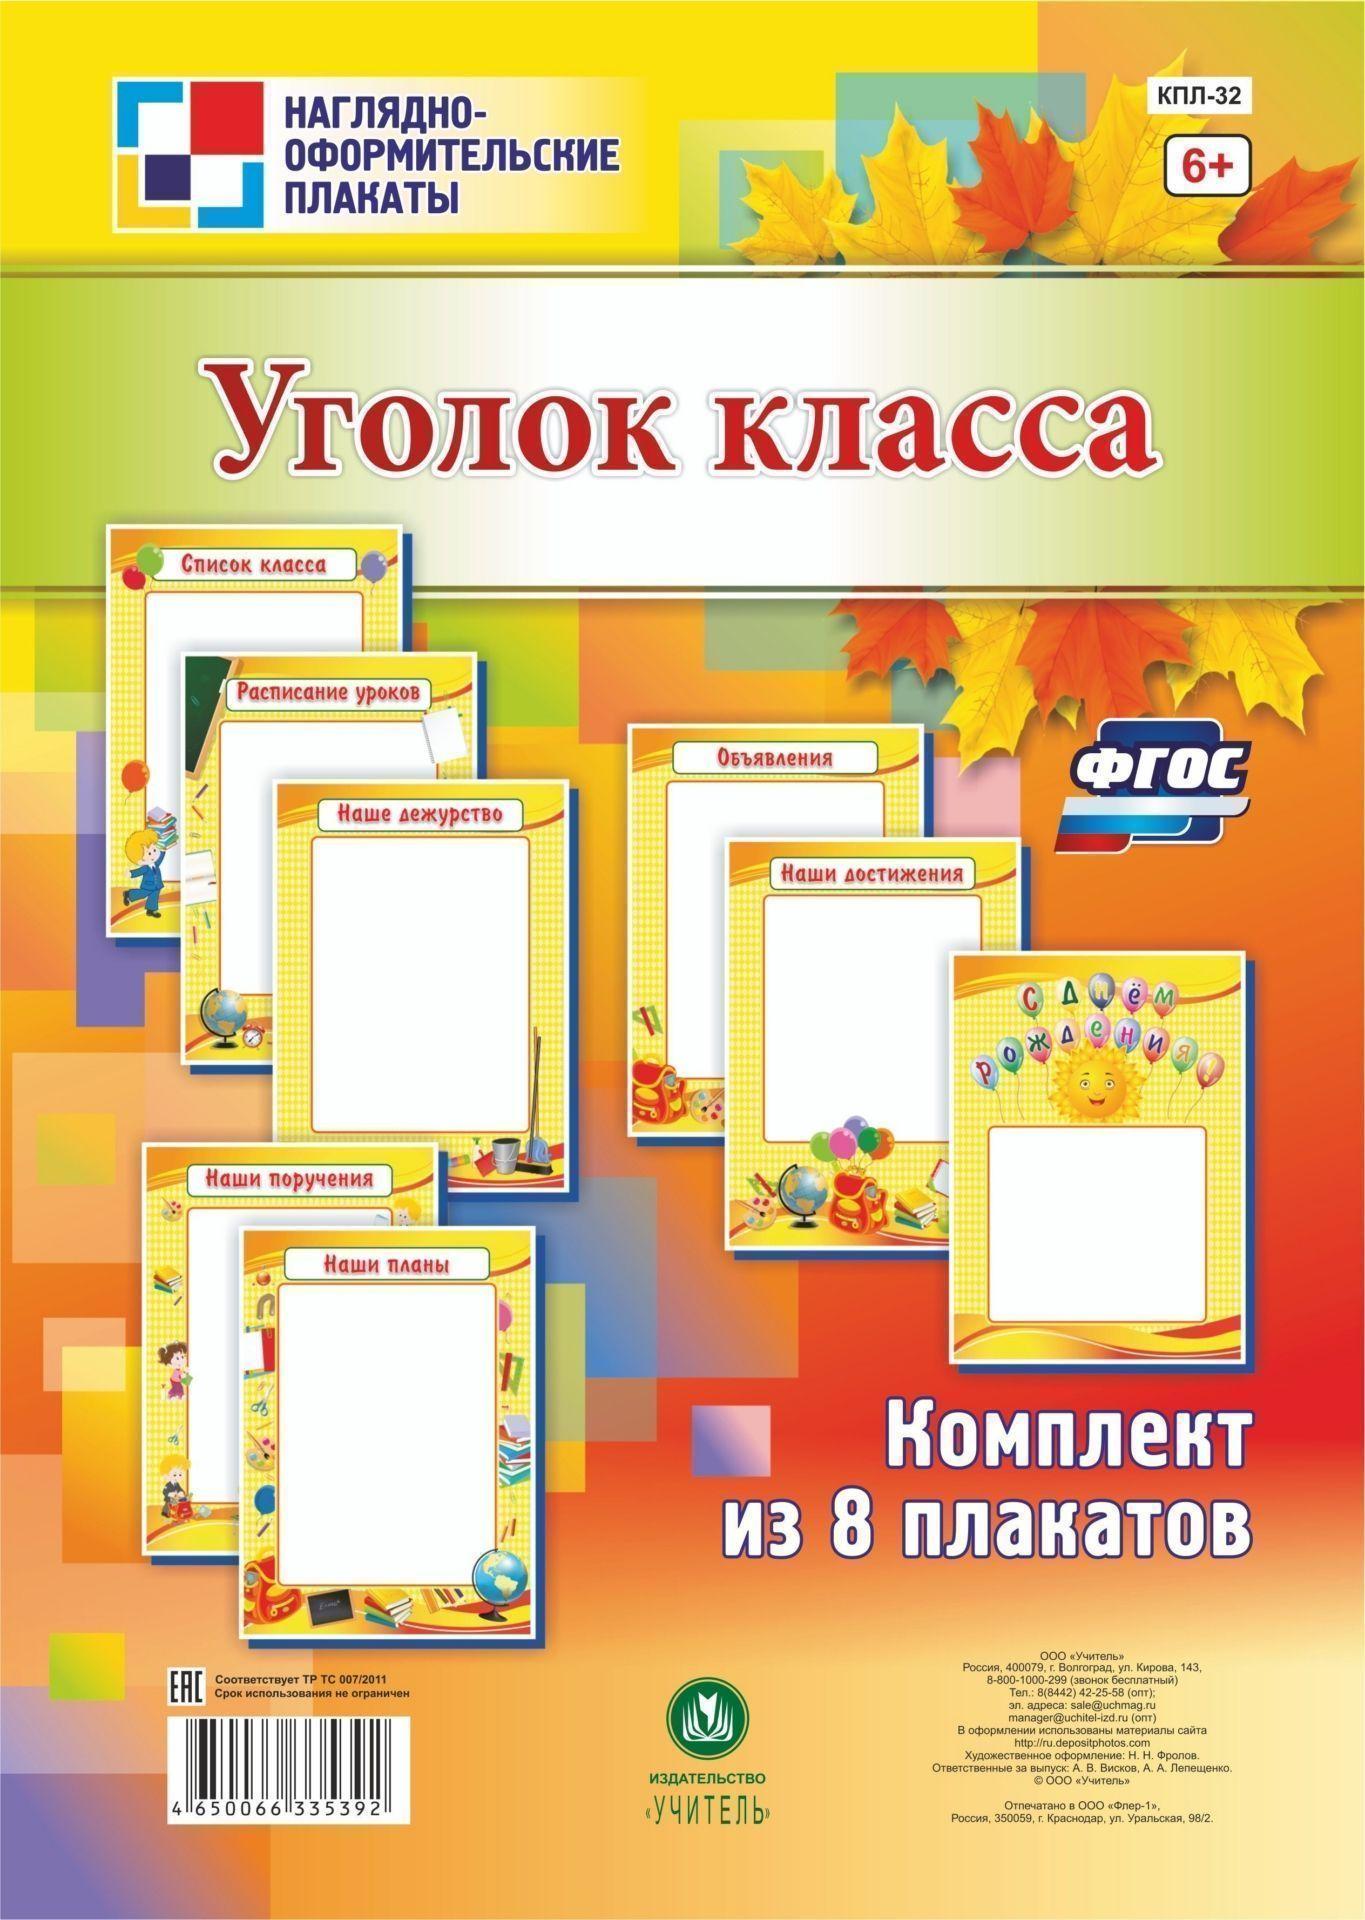 Комплект плакатов Уголок класса: 8 плакатовПлакаты, постеры, карты<br>.<br><br>Год: 2017<br>Серия: Наглядно-оформительские плакаты<br>Высота: 290<br>Ширина: 205<br>Переплёт: набор